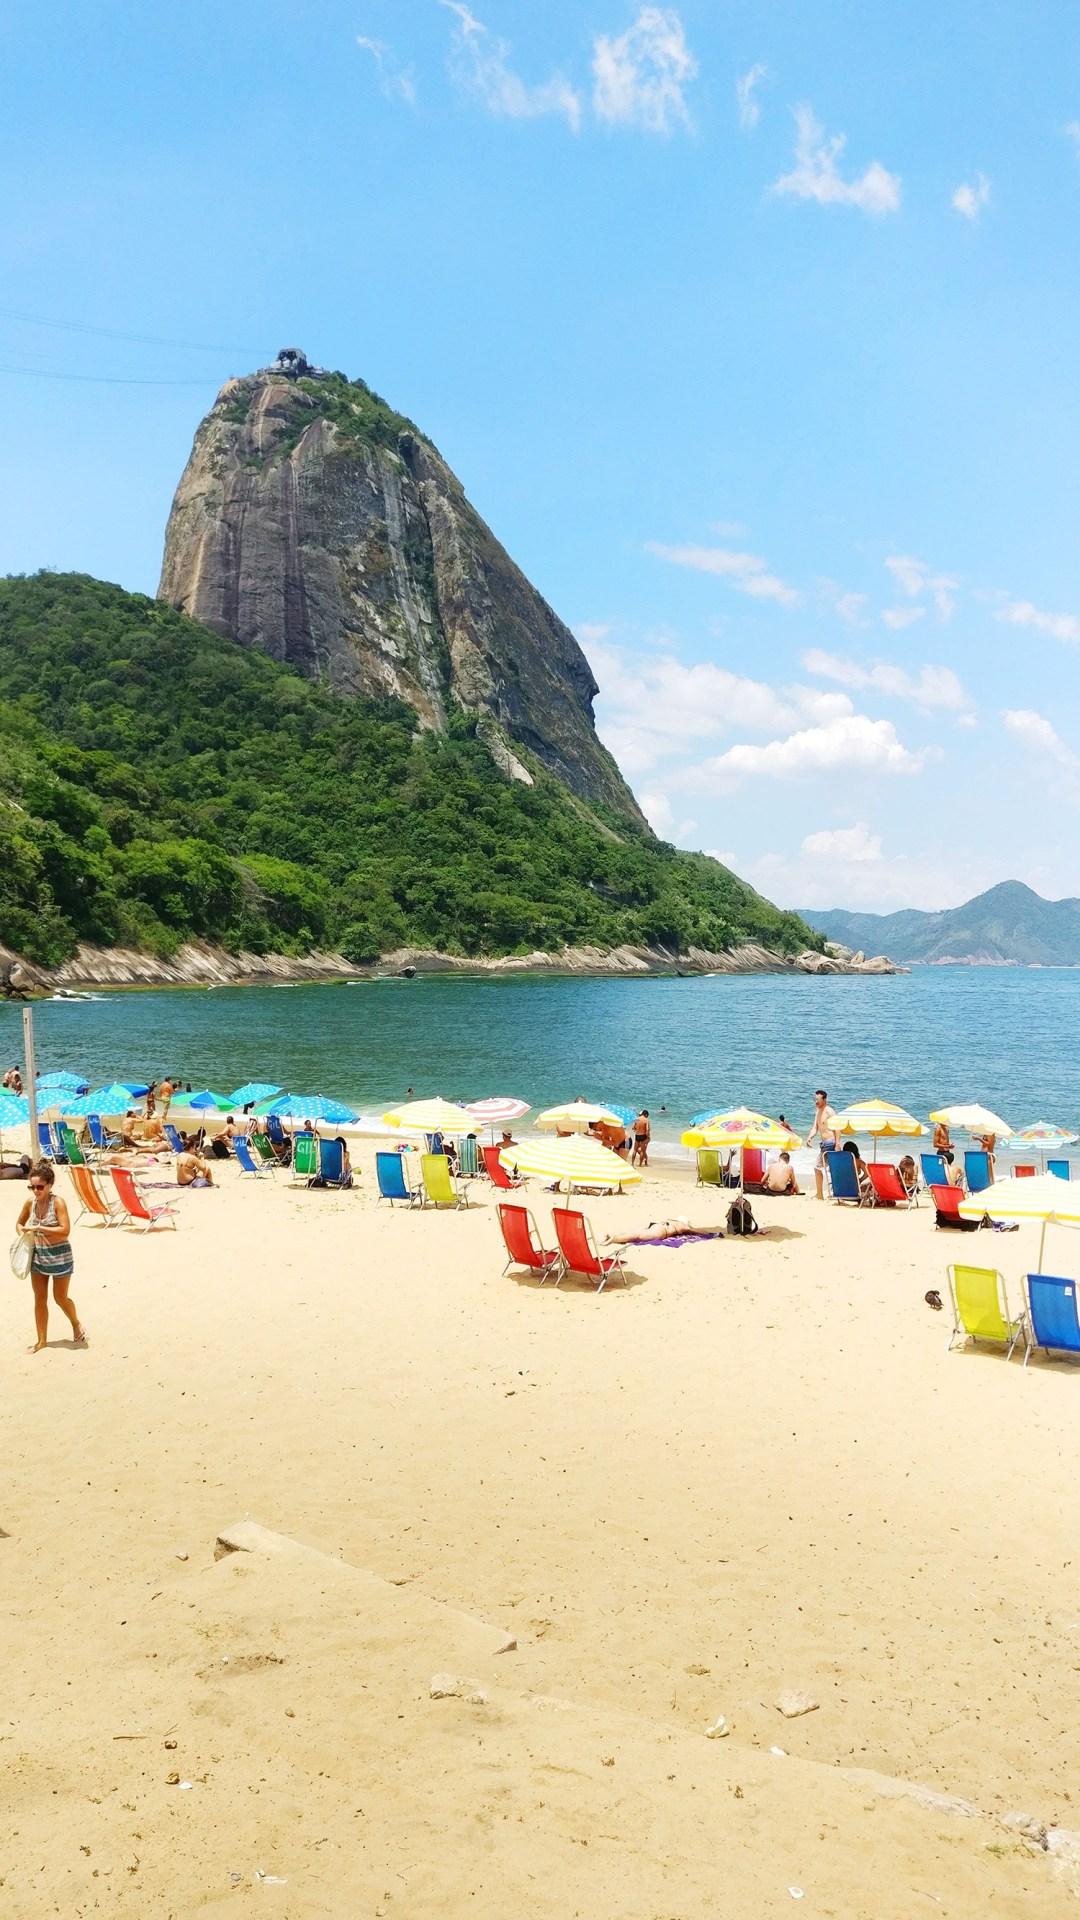 Praia Vermelha with the Sugarloaf mountain - Best beaches in Rio de Janeiro   Aliz's Wonderland